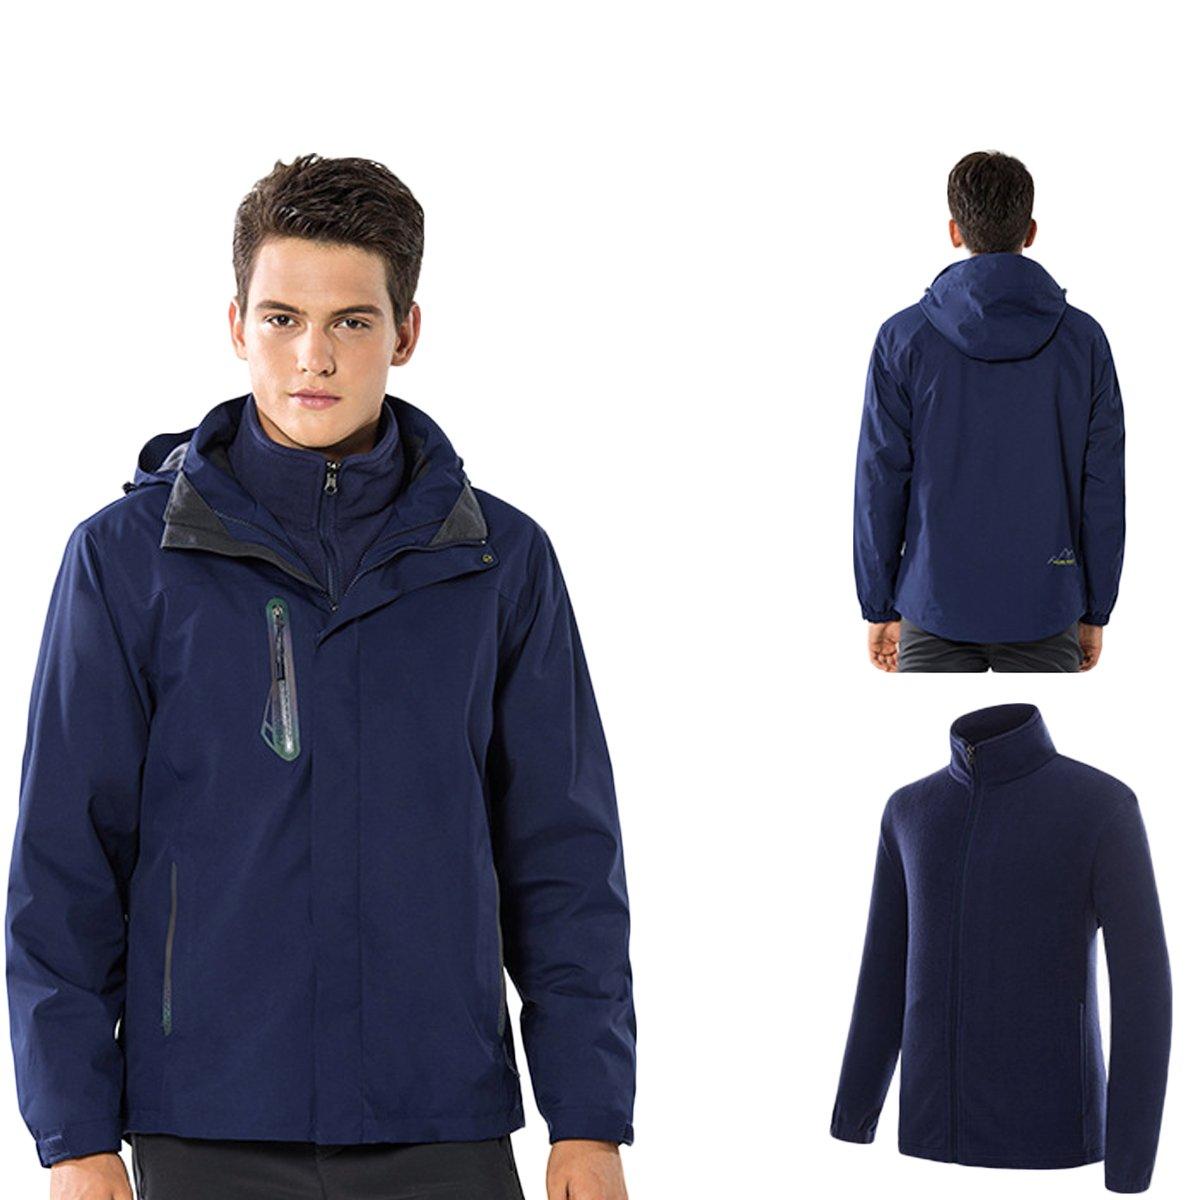 c839f3183 Amazon.com  Dnstar Winter Jacket Men s 3 in 1 Waterproof Snow Fleece ...